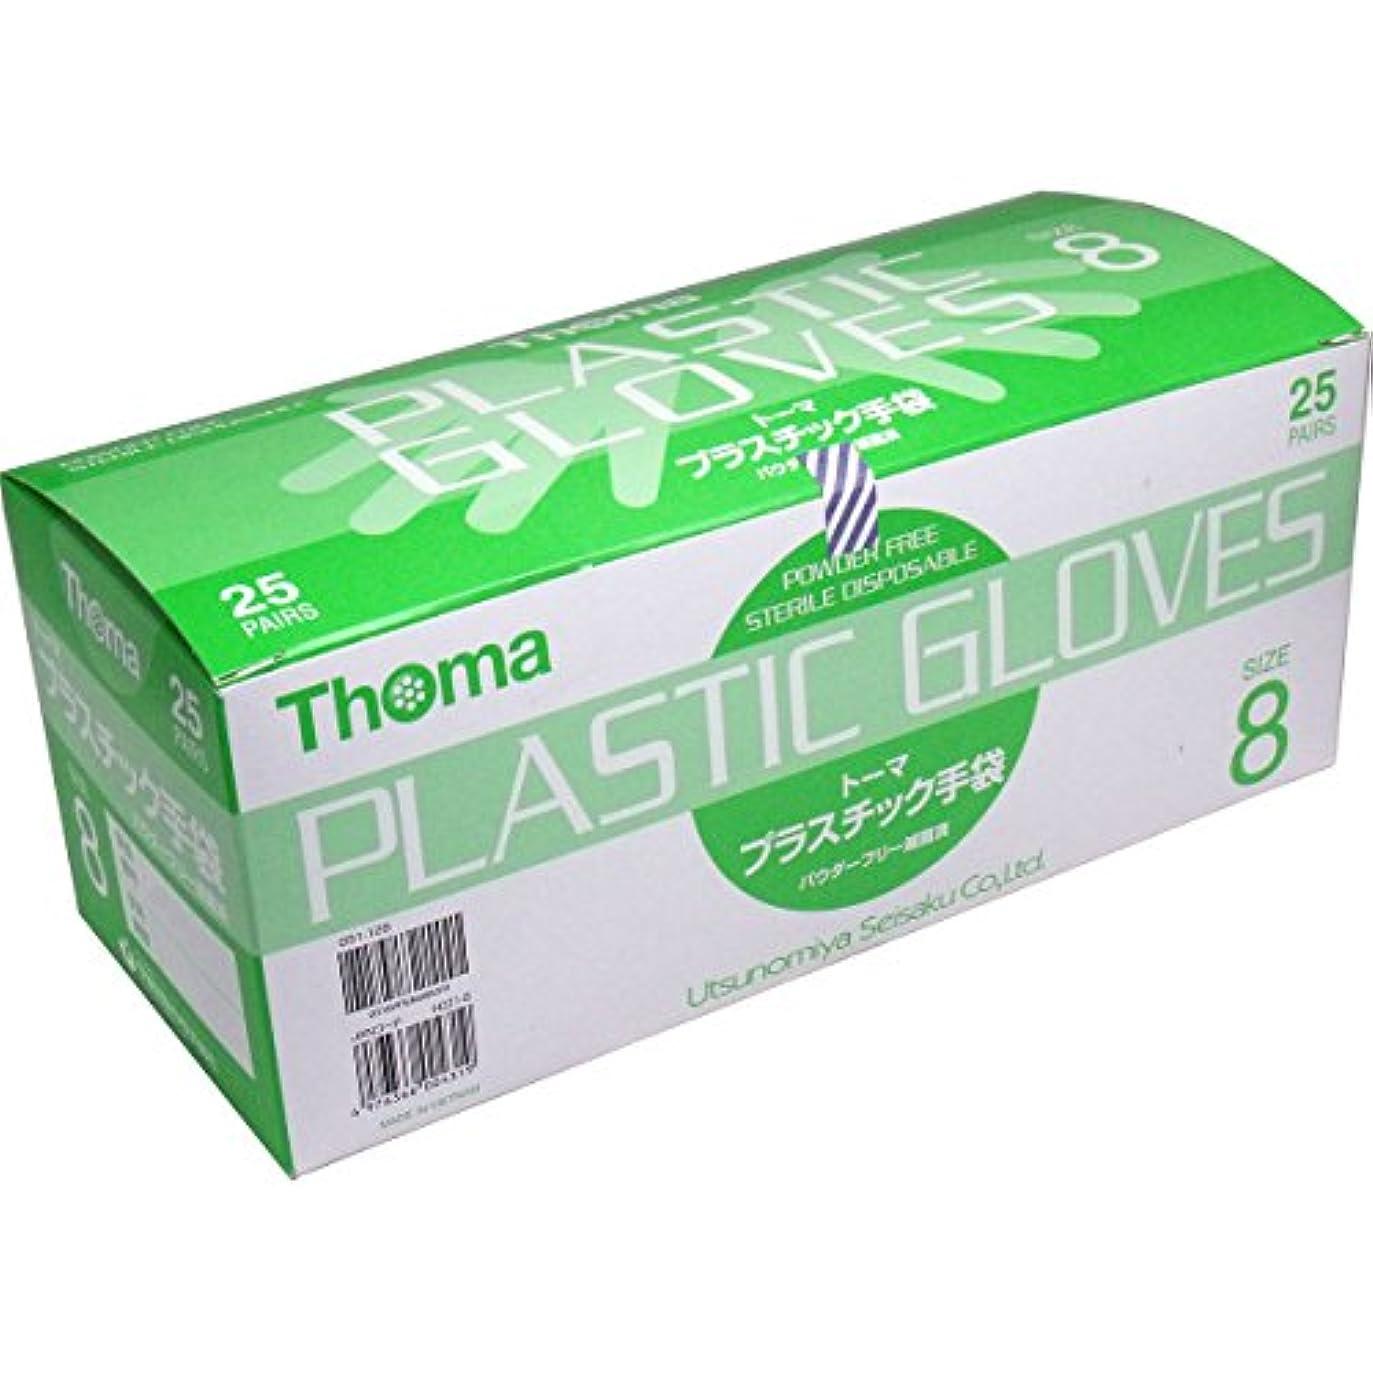 高める検出可能不完全ポリ塩化ビニル製 手袋 1双毎に滅菌包装、衛生的 人気商品 トーマ プラスチック手袋 パウダーフリー滅菌済 25双入 サイズ8【4個セット】